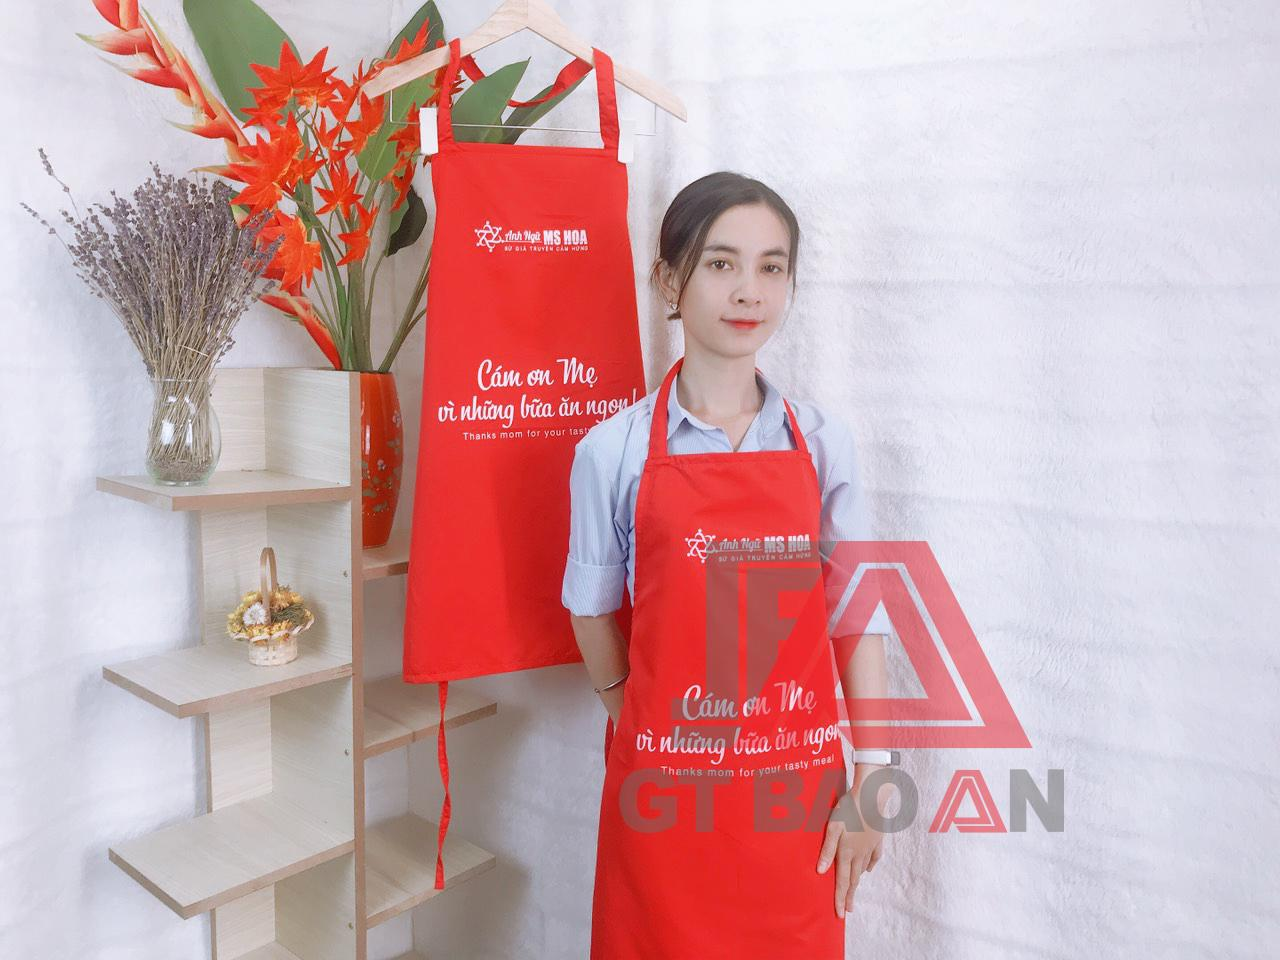 Tạp dề dù chống thấm cho nhân viên bếp